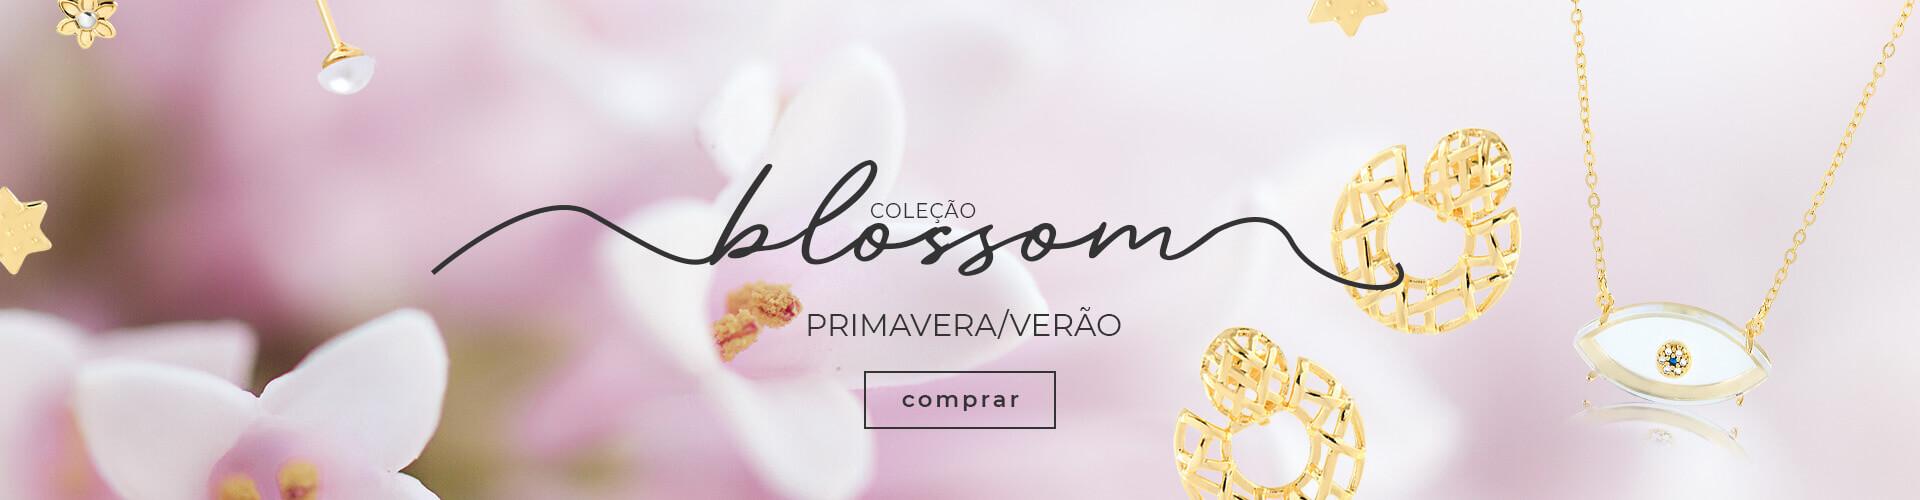 Coleção Blossom